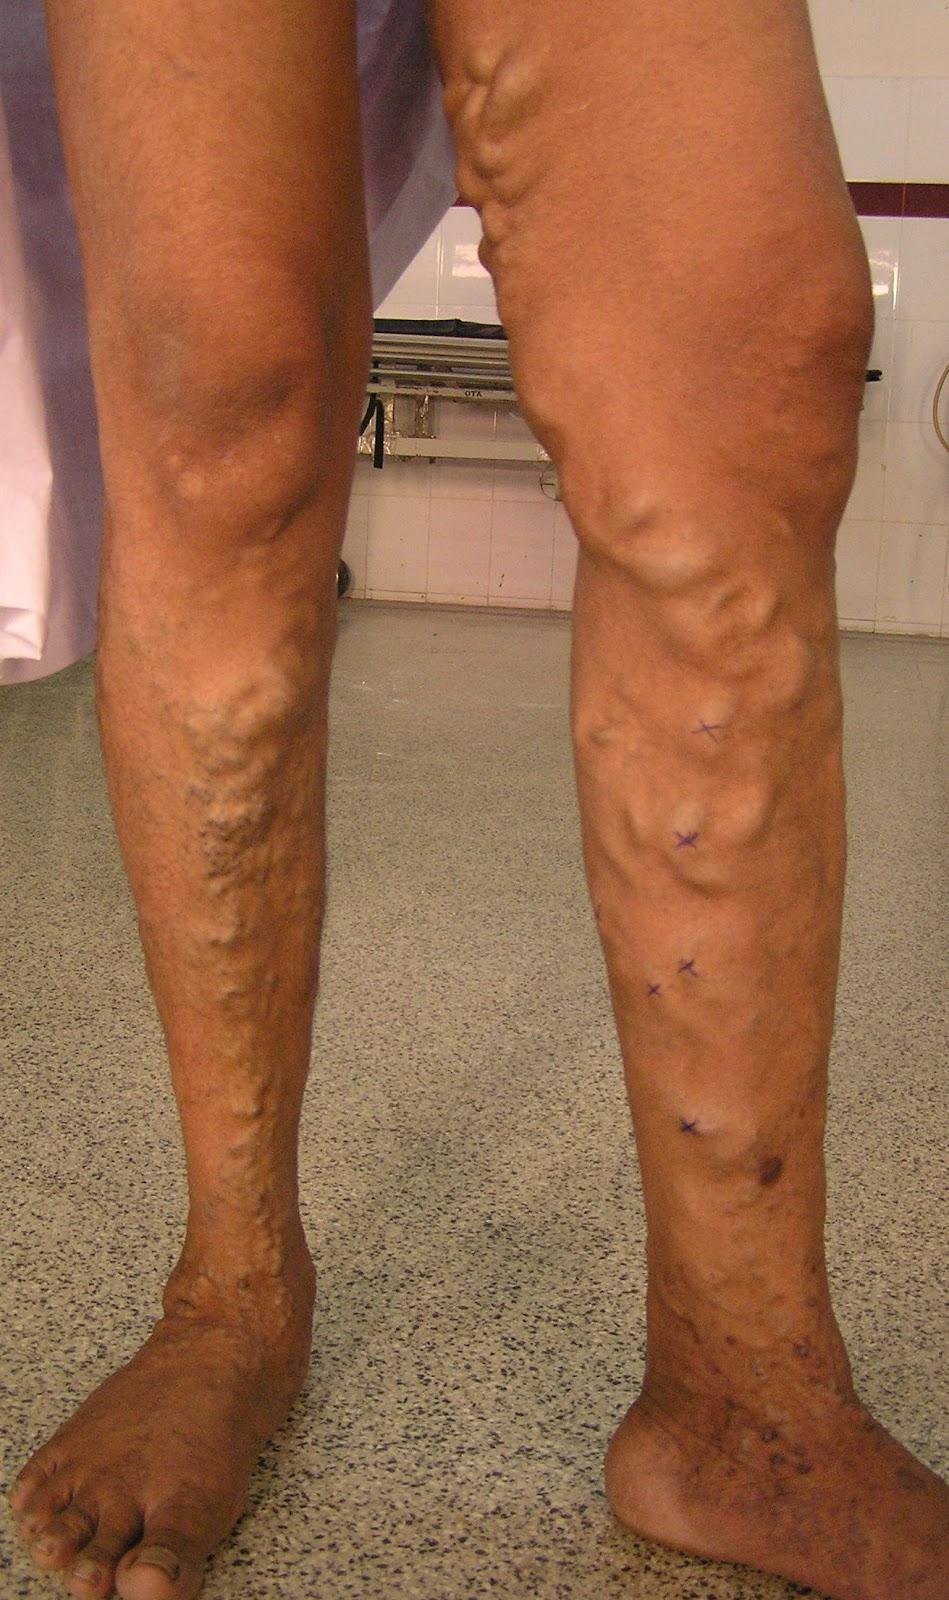 Варикоз нижних конечностей симптомы фото и лечение варикозного расширения вен